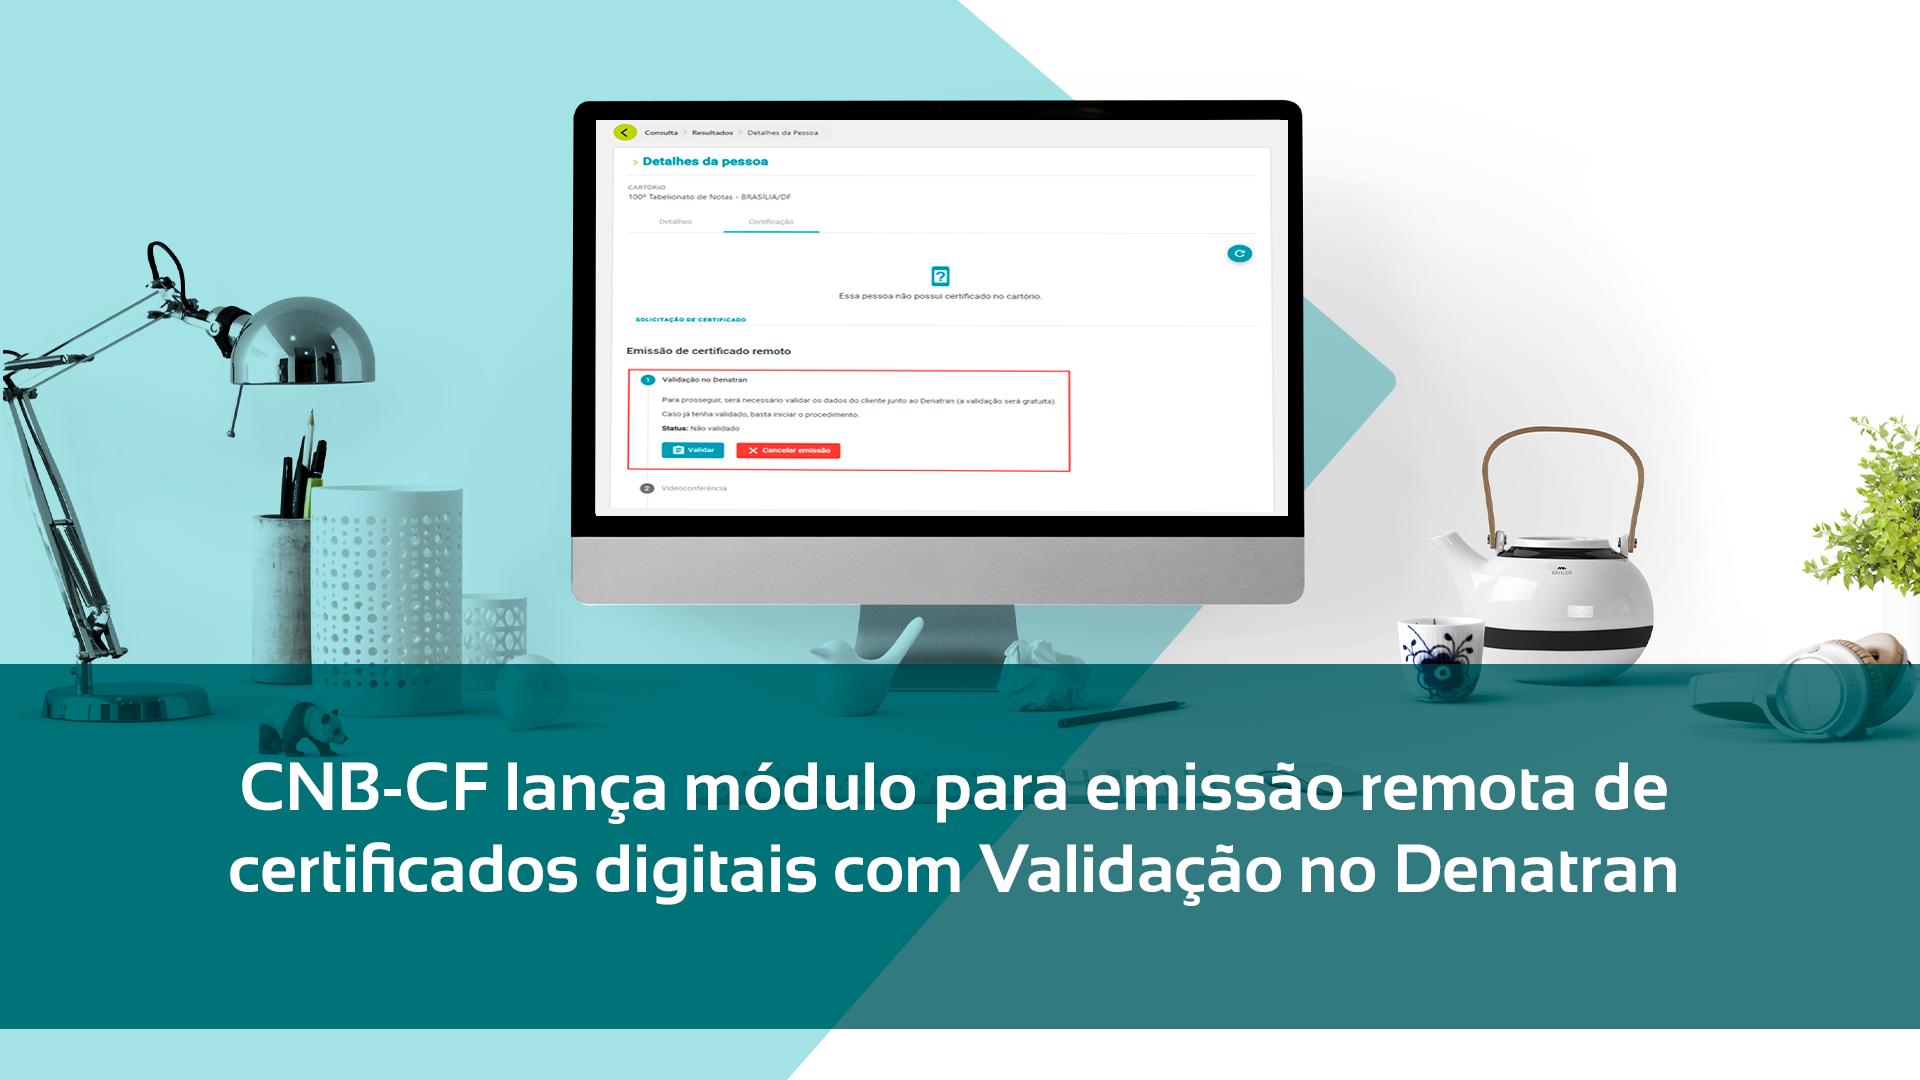 CNB-CF Lança Módulo Para Emissão Remota De Certificados Digitais Com Validação No Denatran